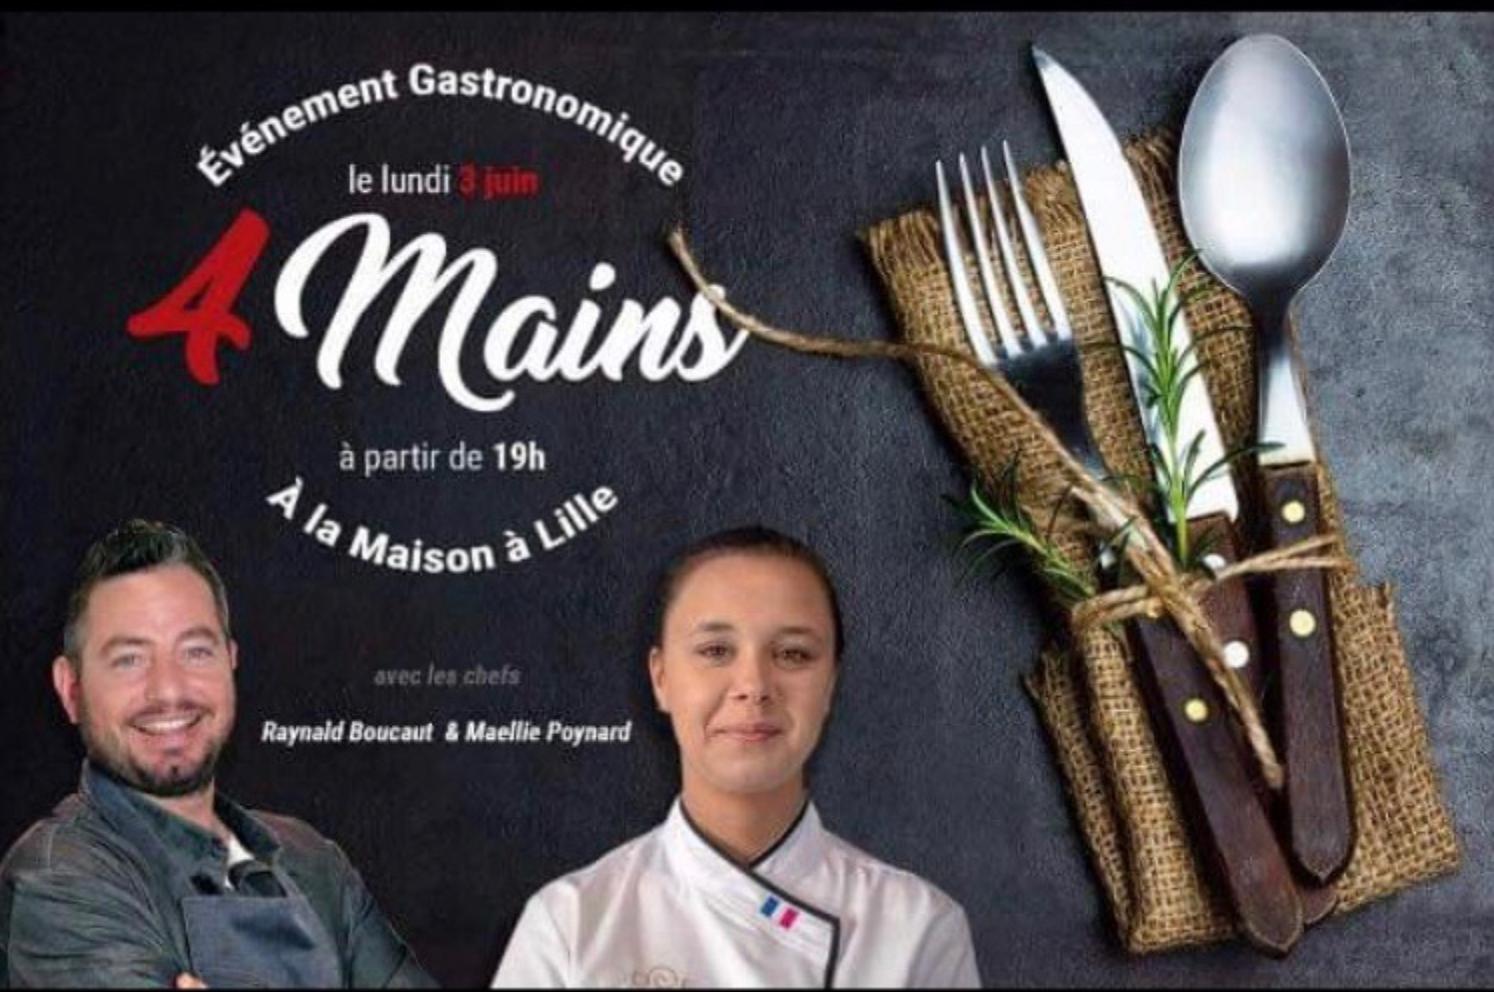 Diner à 4 mains - Maëllie Poynard & Raynald Boucaut -